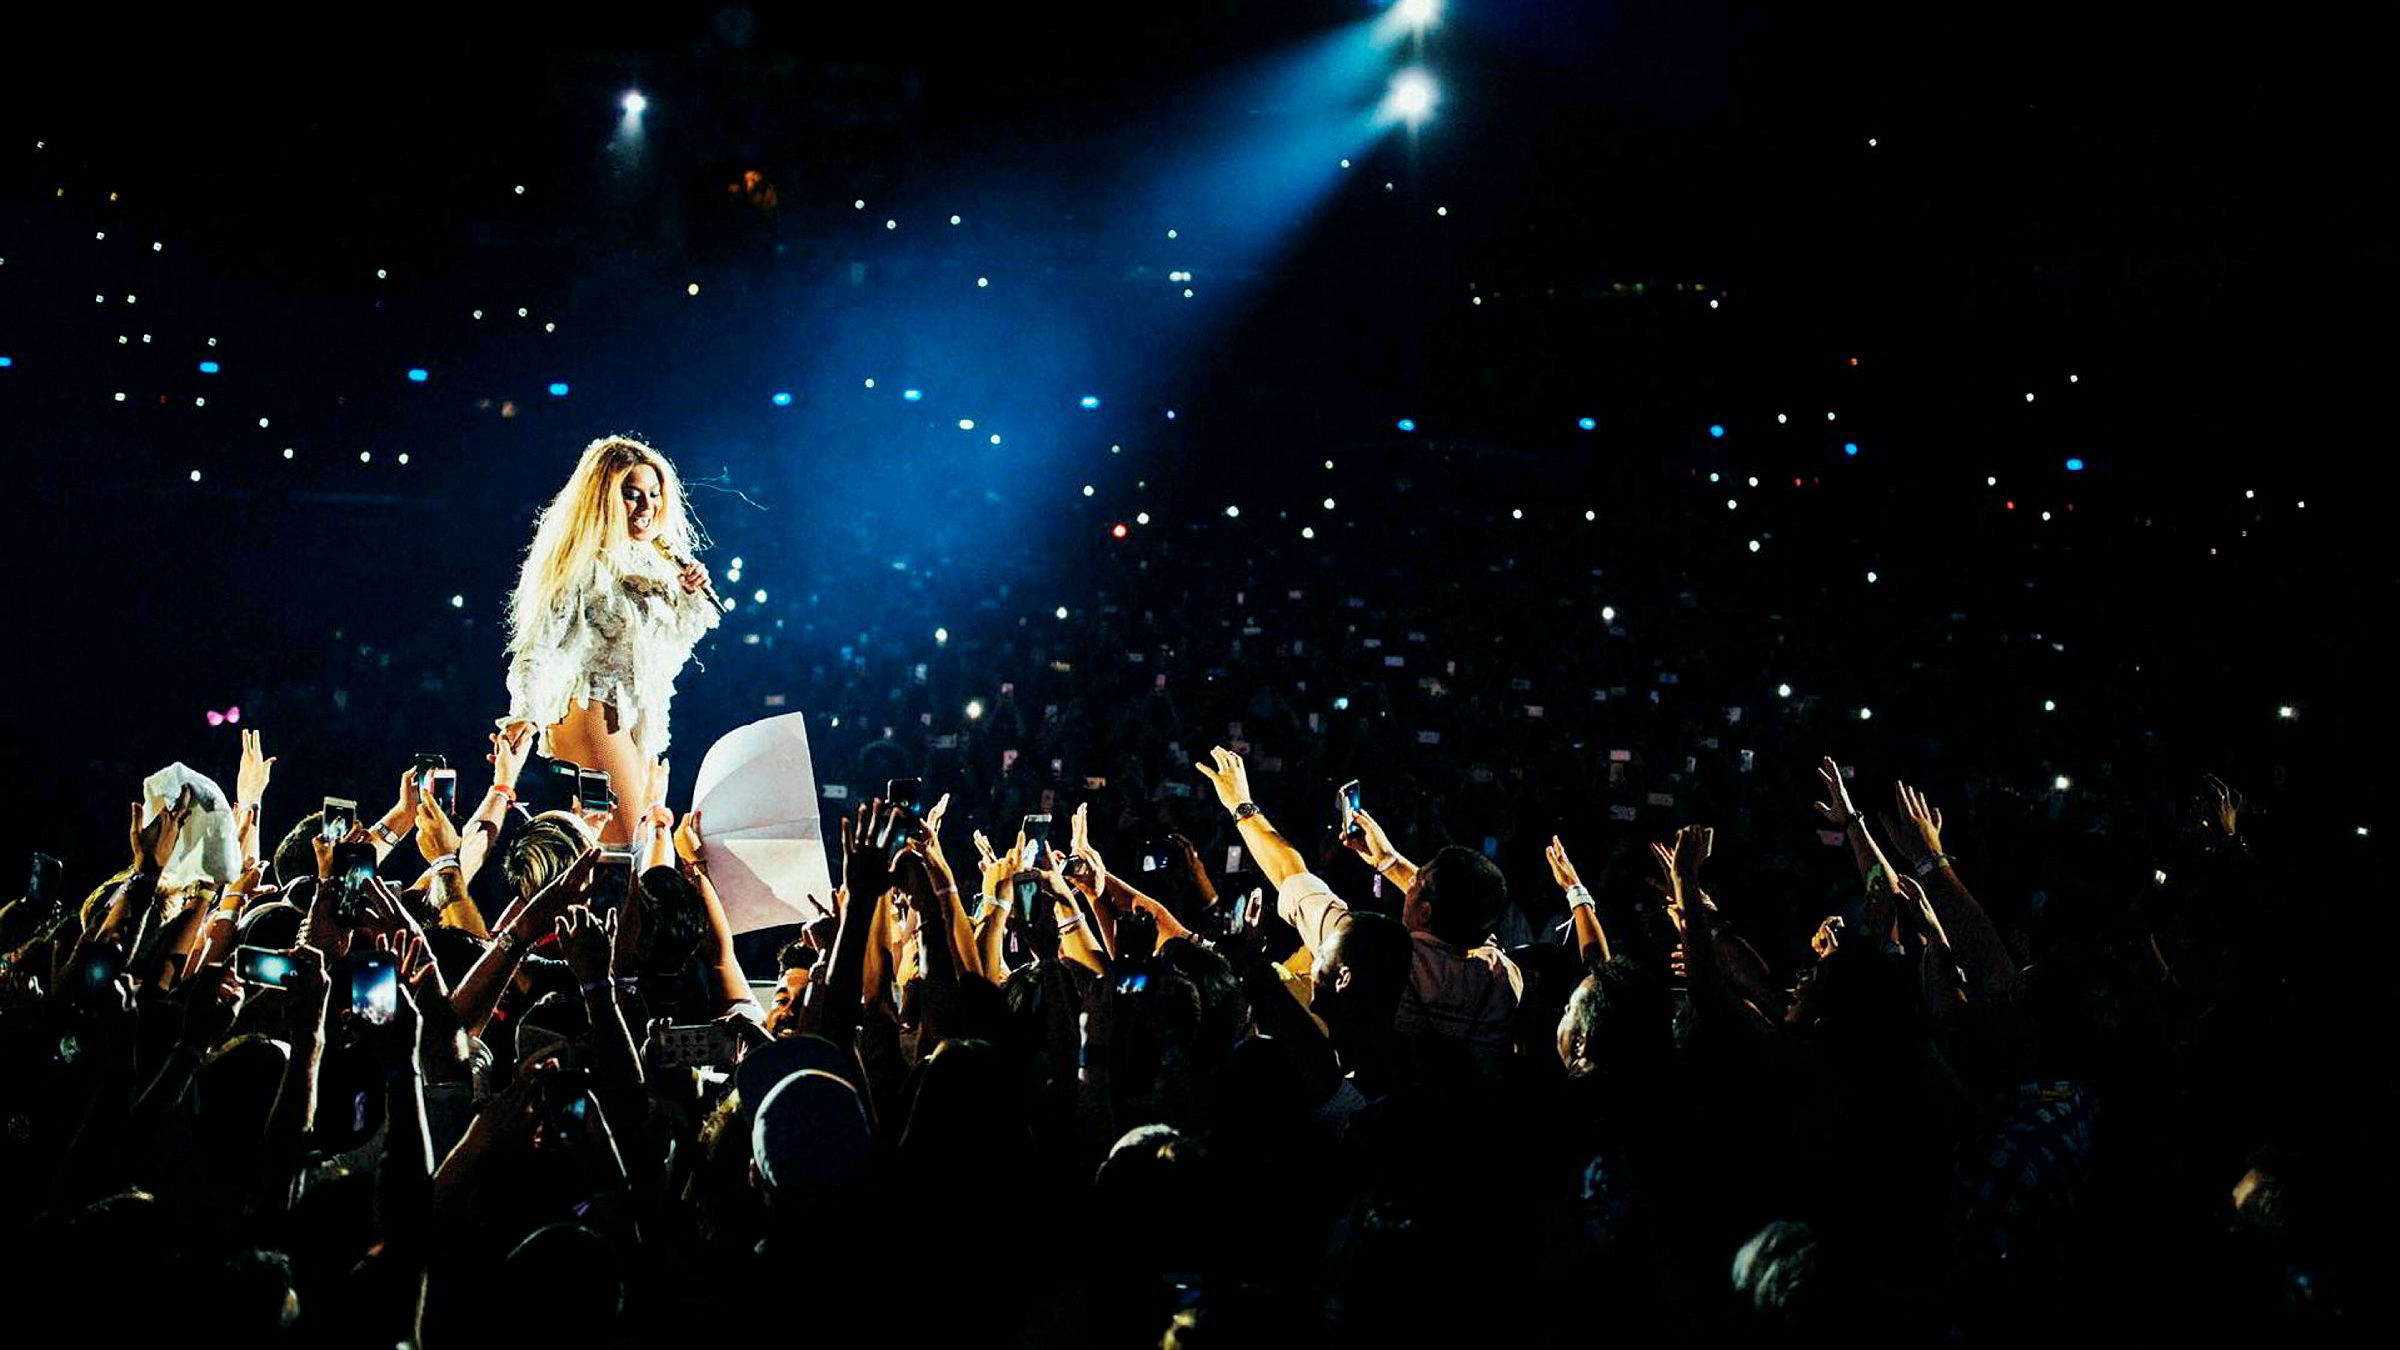 Beyoncé gikk rett til topps på VG-lista basert på lyttertallene hennes på Tidal. Her står hun på scenen under Coachella-festivalen i California i april i år.